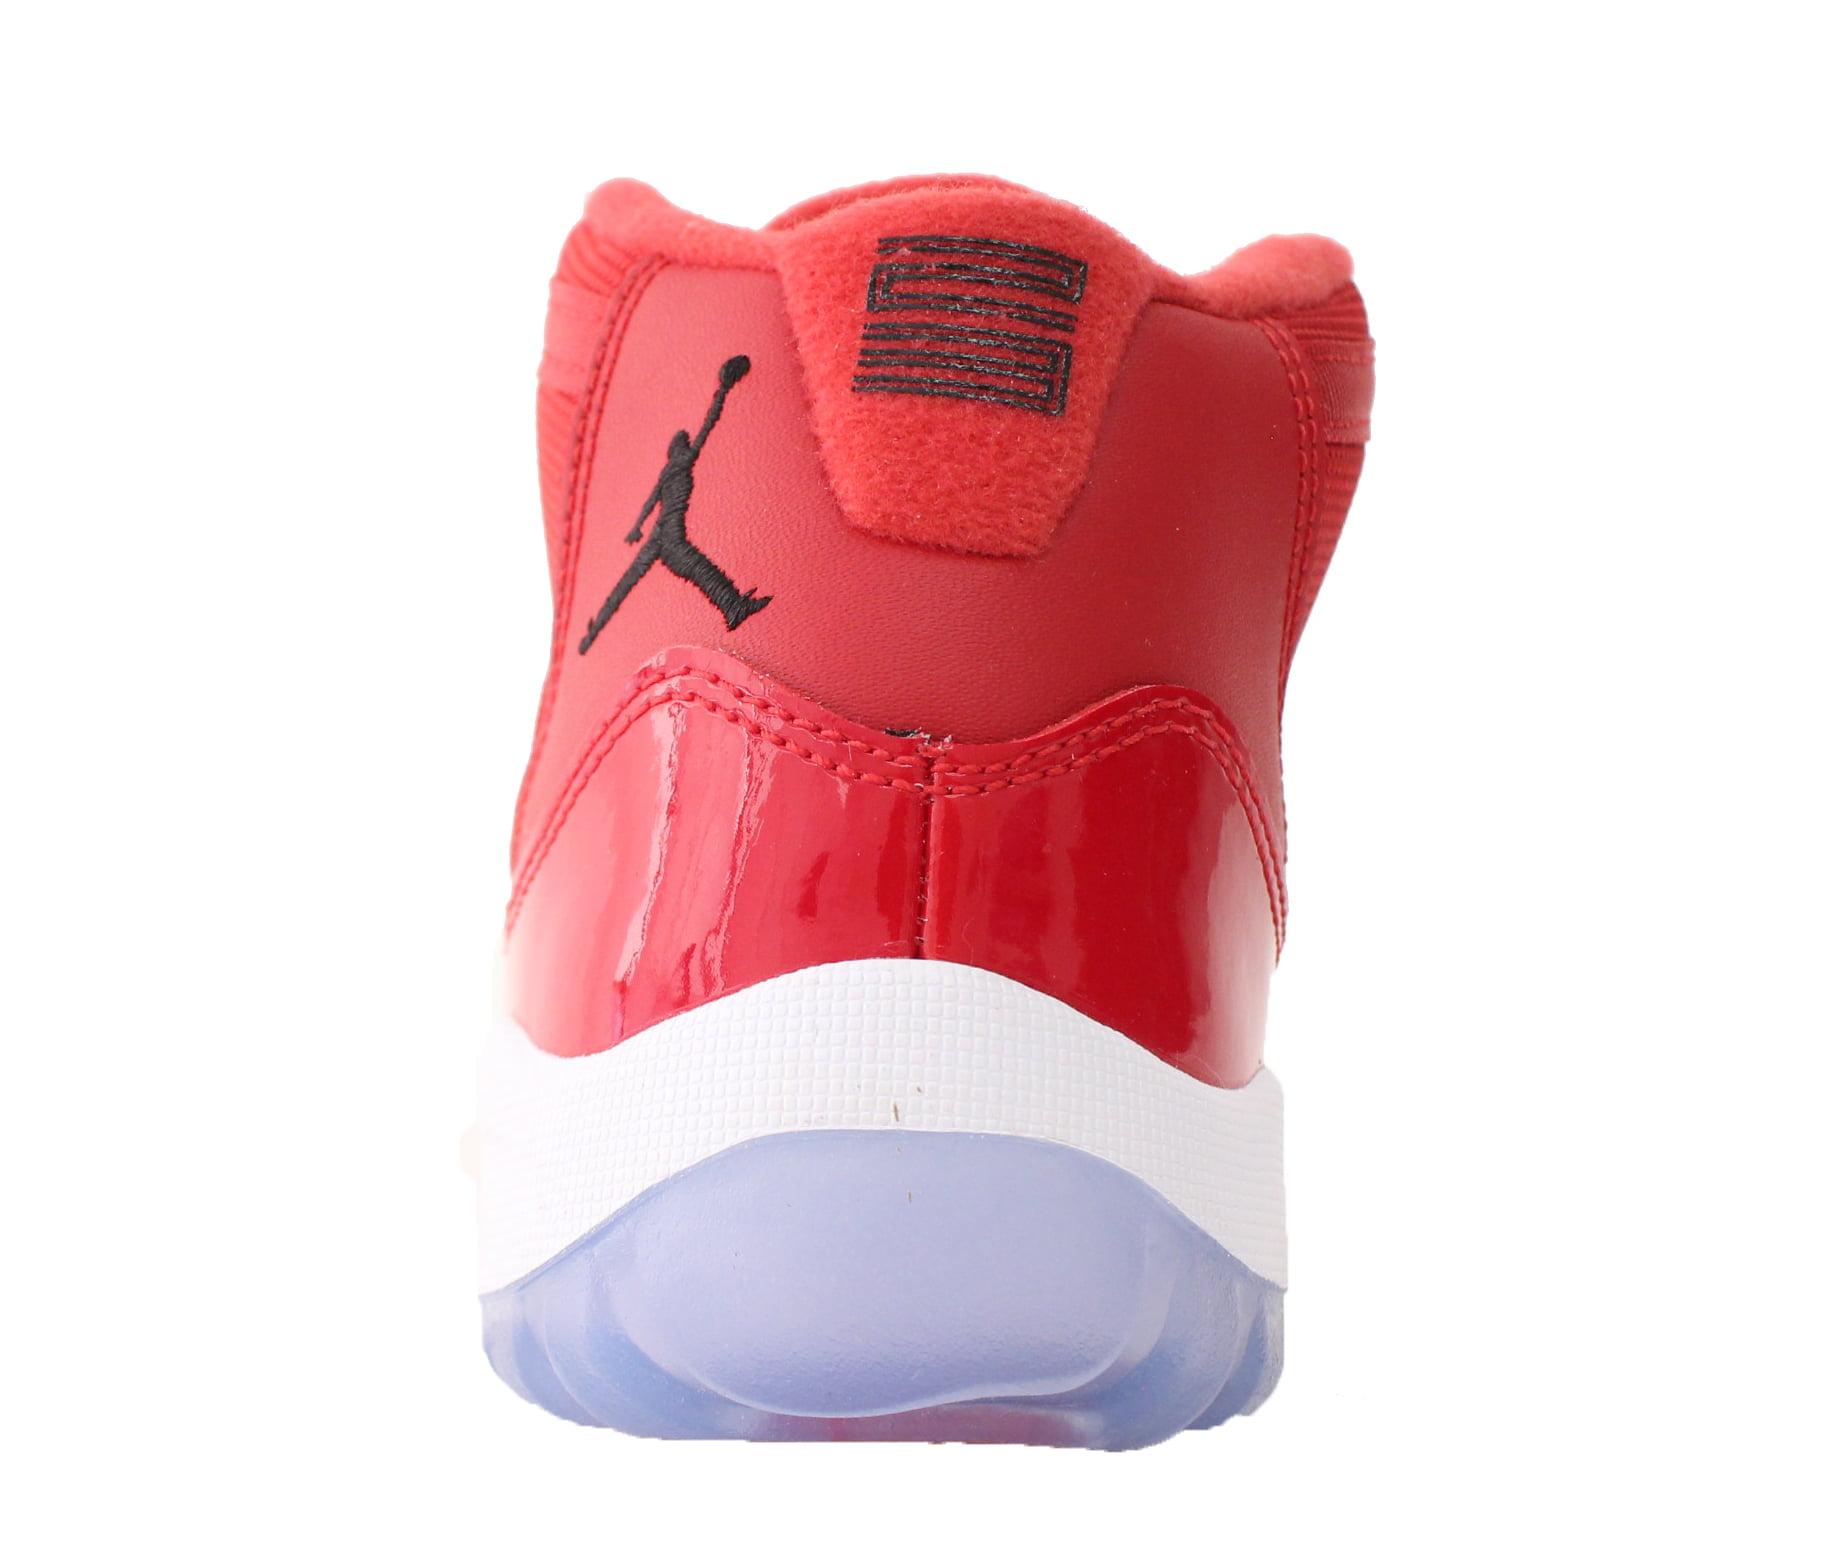 24a5f9b214264f Jordan - AIR JORDAN RETRO 11 XI RETRO PS SZ 1.5 Y WIN LIKE 96 GYM RED WHITE  378039 623 - Walmart.com